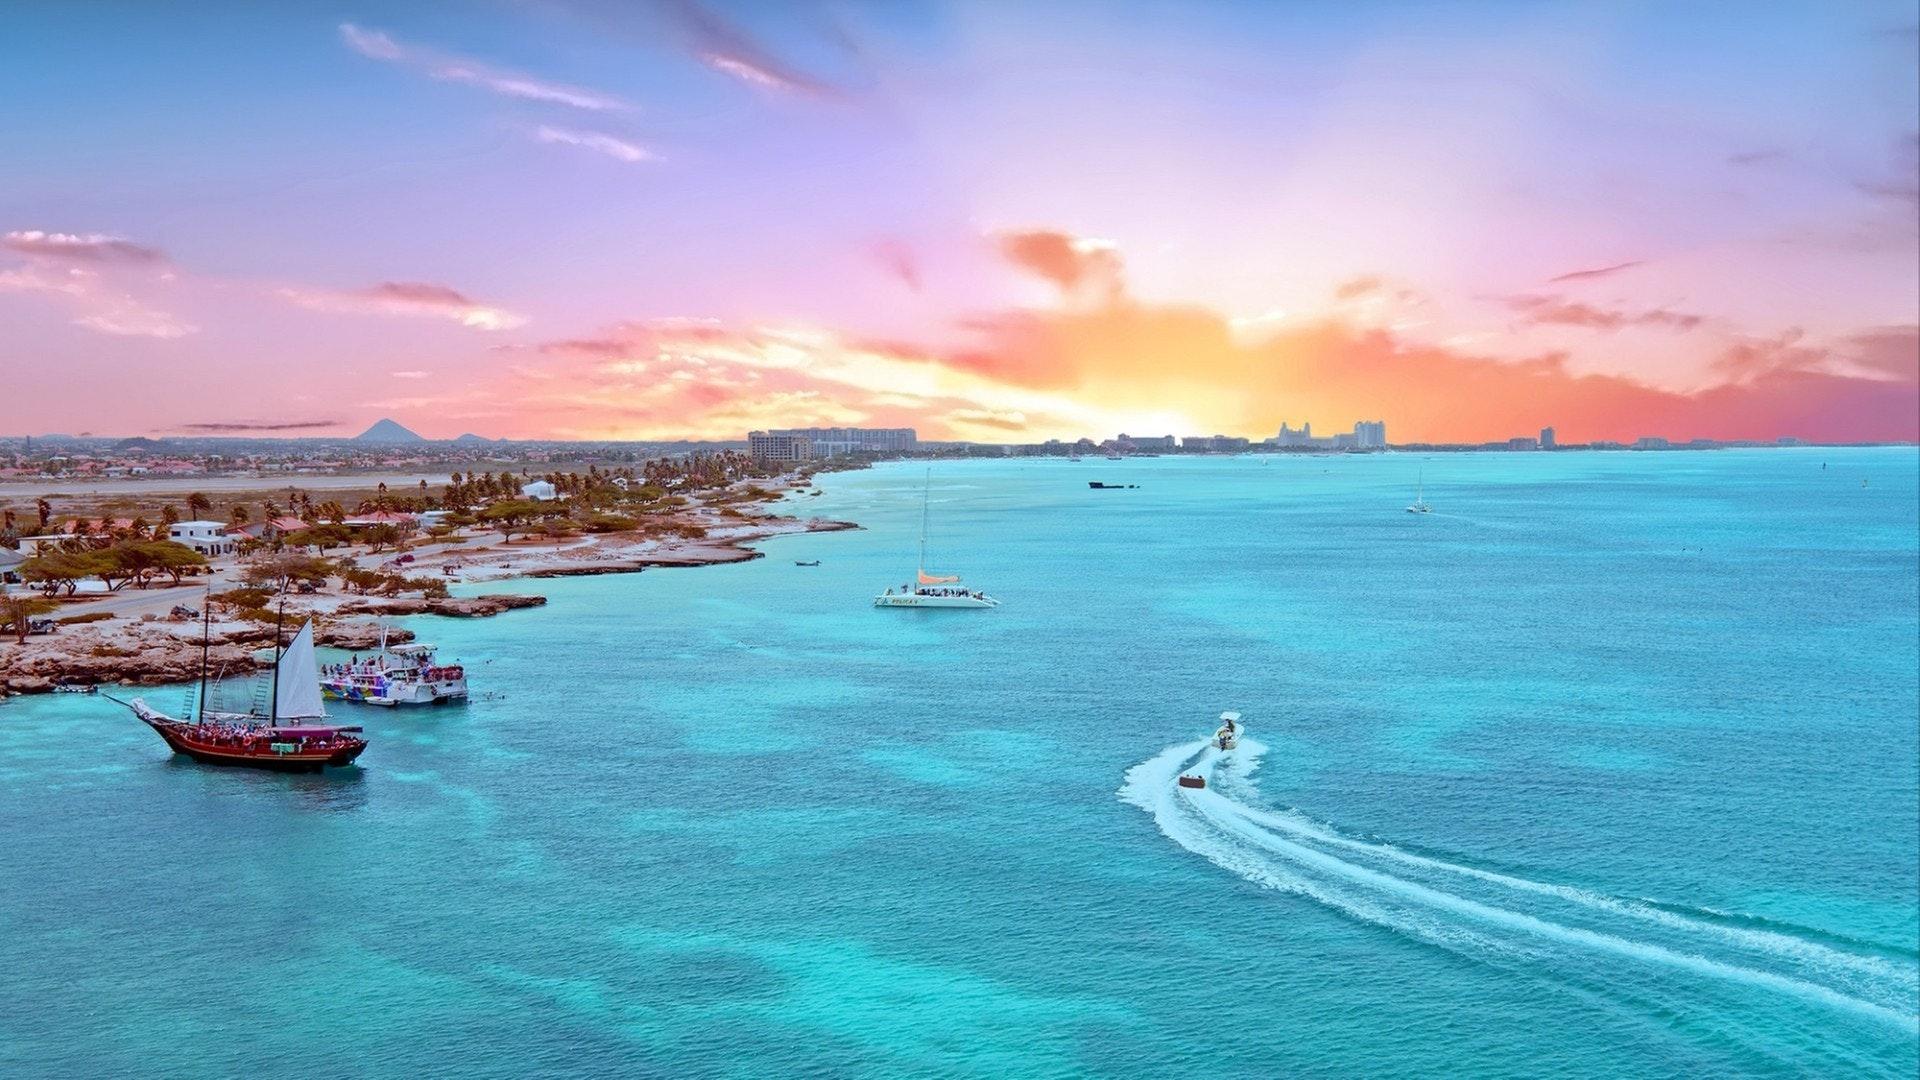 Aérienne de l'île d'Aruba dans la mer des Caraïbes au coucher du soleil